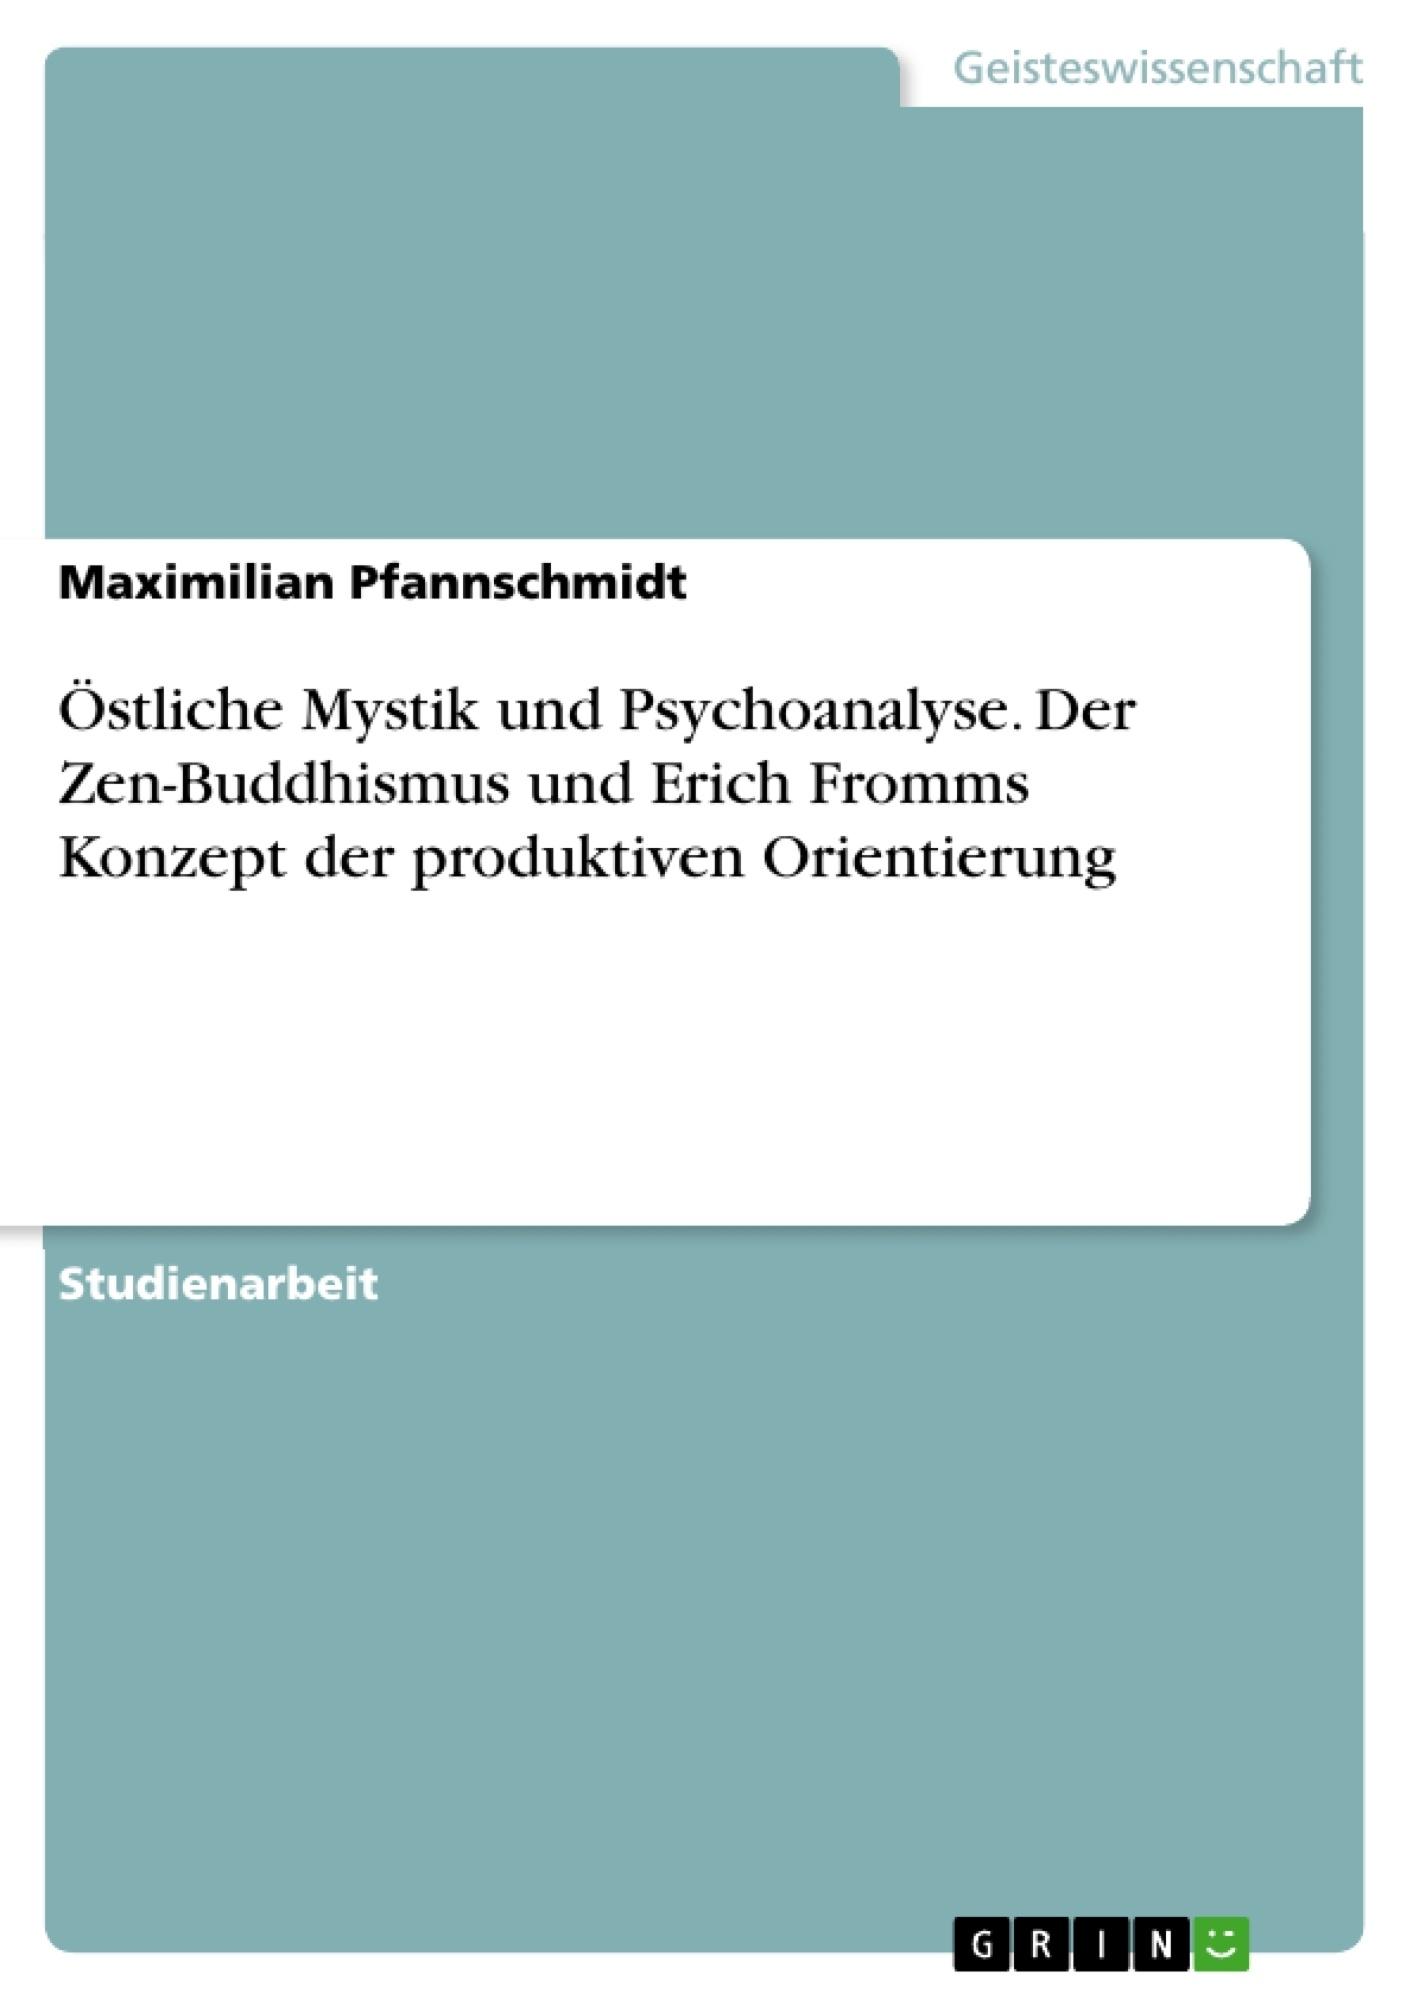 Titel: Östliche Mystik und Psychoanalyse. Der Zen-Buddhismus und Erich Fromms Konzept der produktiven Orientierung